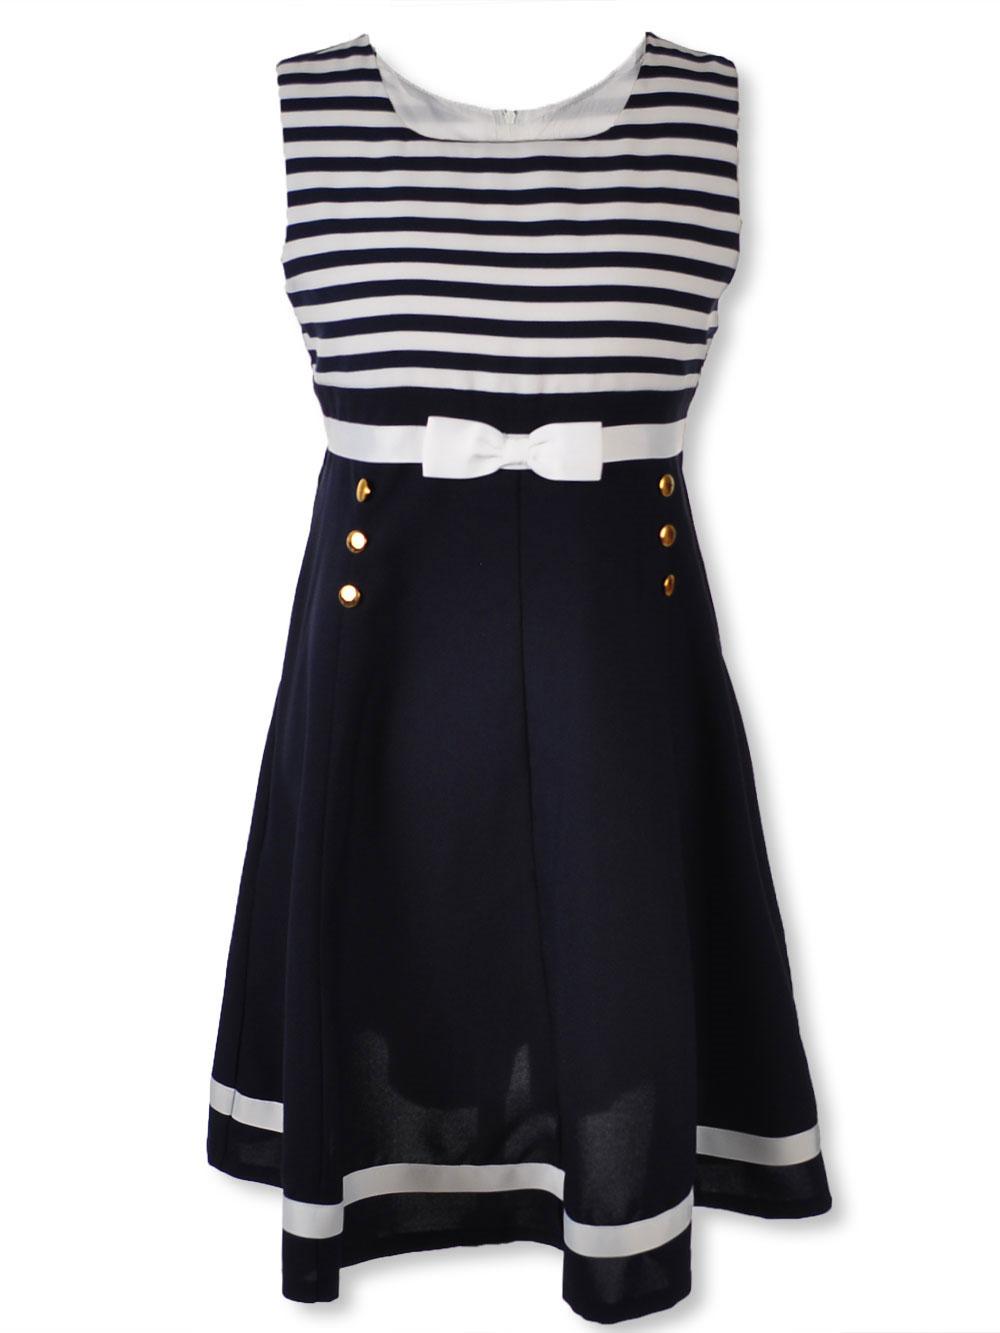 31ad3e95b79 Girls Fashion | Plus Sizes | Dresses. Zoomed Image